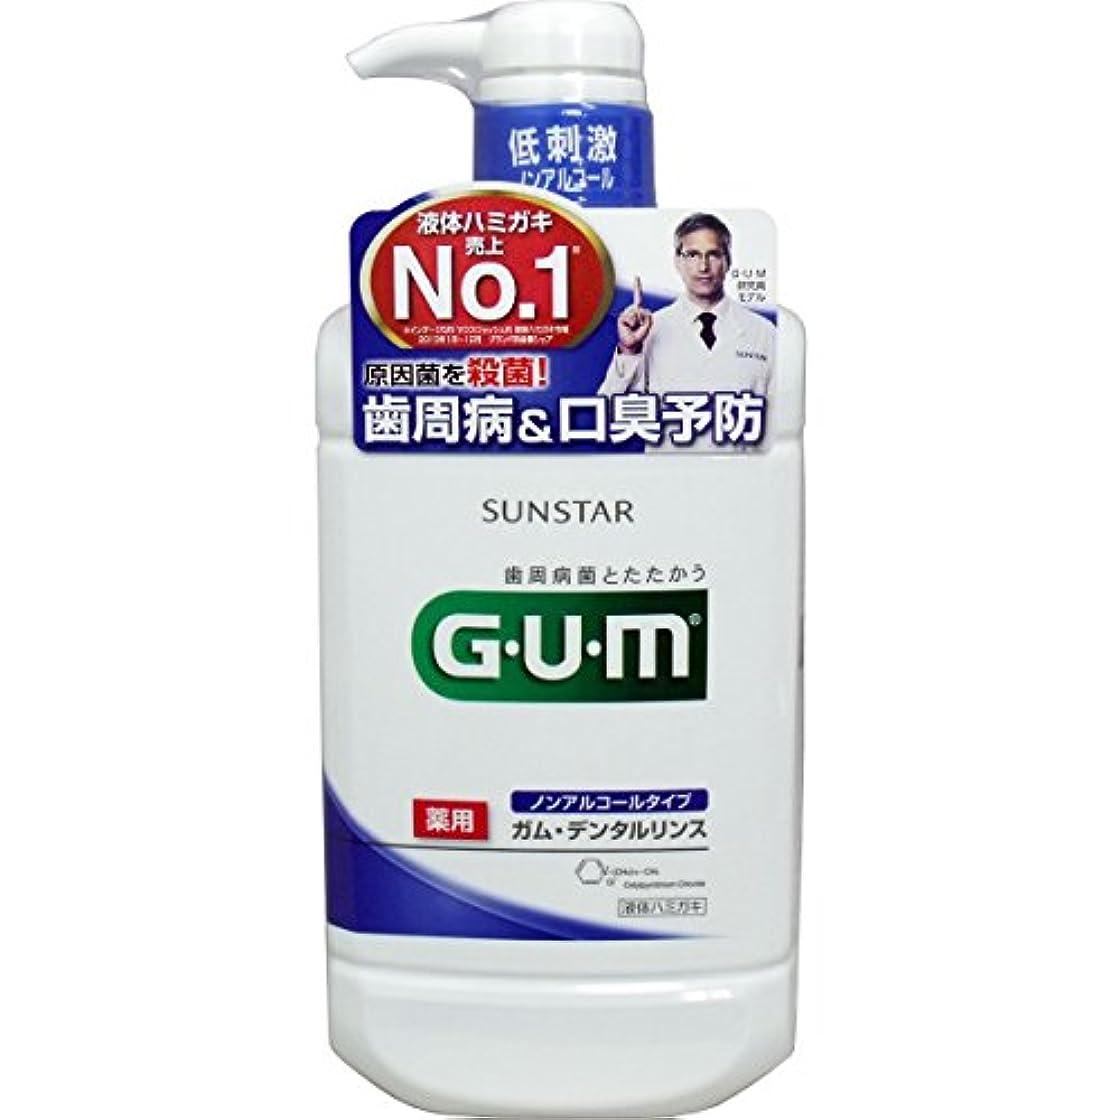 緑アマチュア胆嚢【まとめ買い】GUM(ガム)?デンタルリンス (ノンアルコールタイプ) 960mL (医薬部外品)×3個